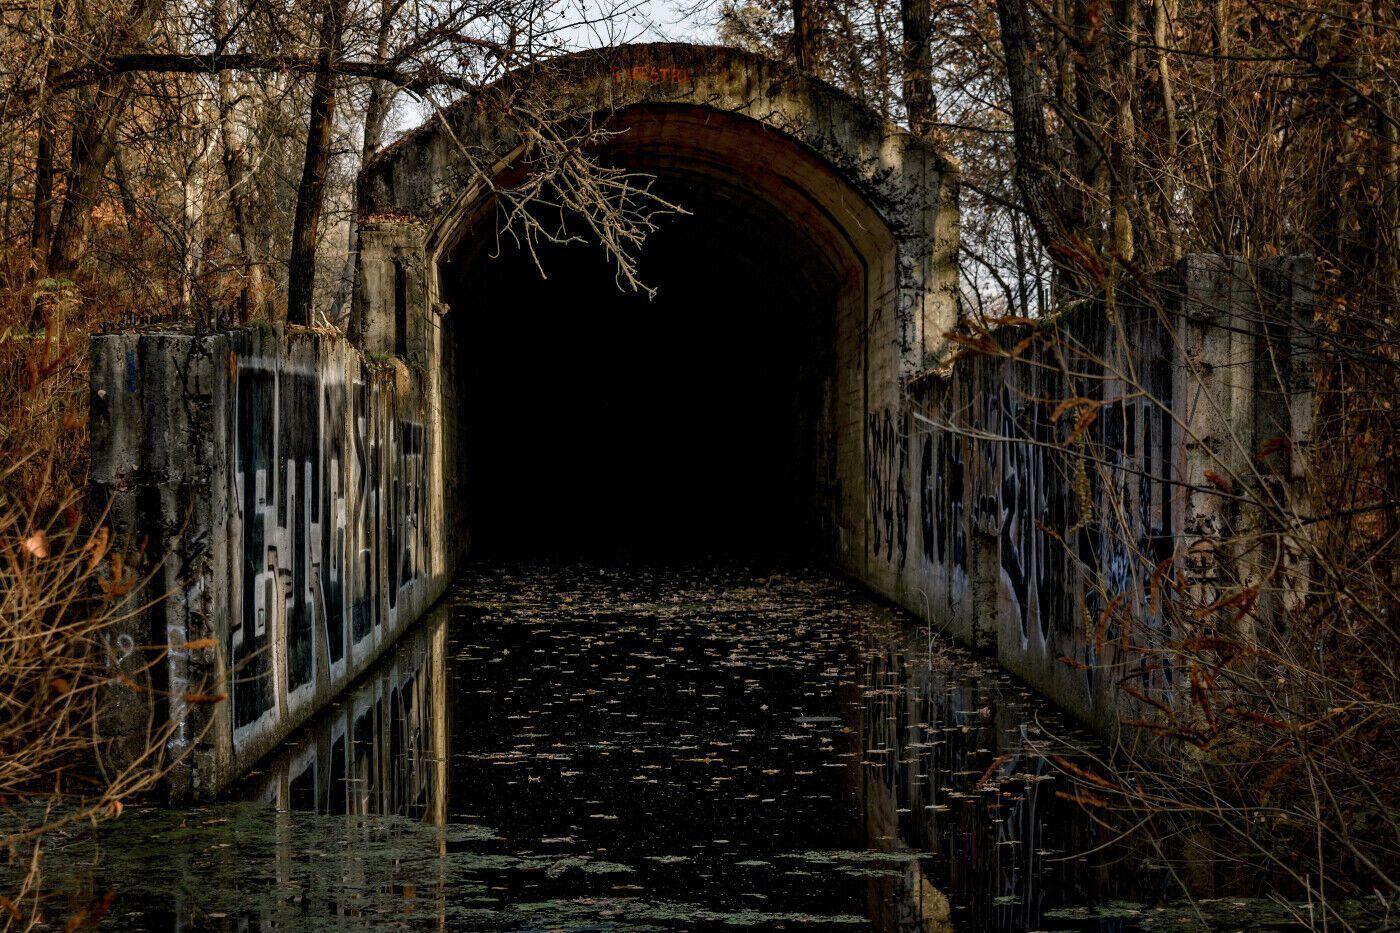 К тоннелю часто часто приезжают любители экстремального туризма